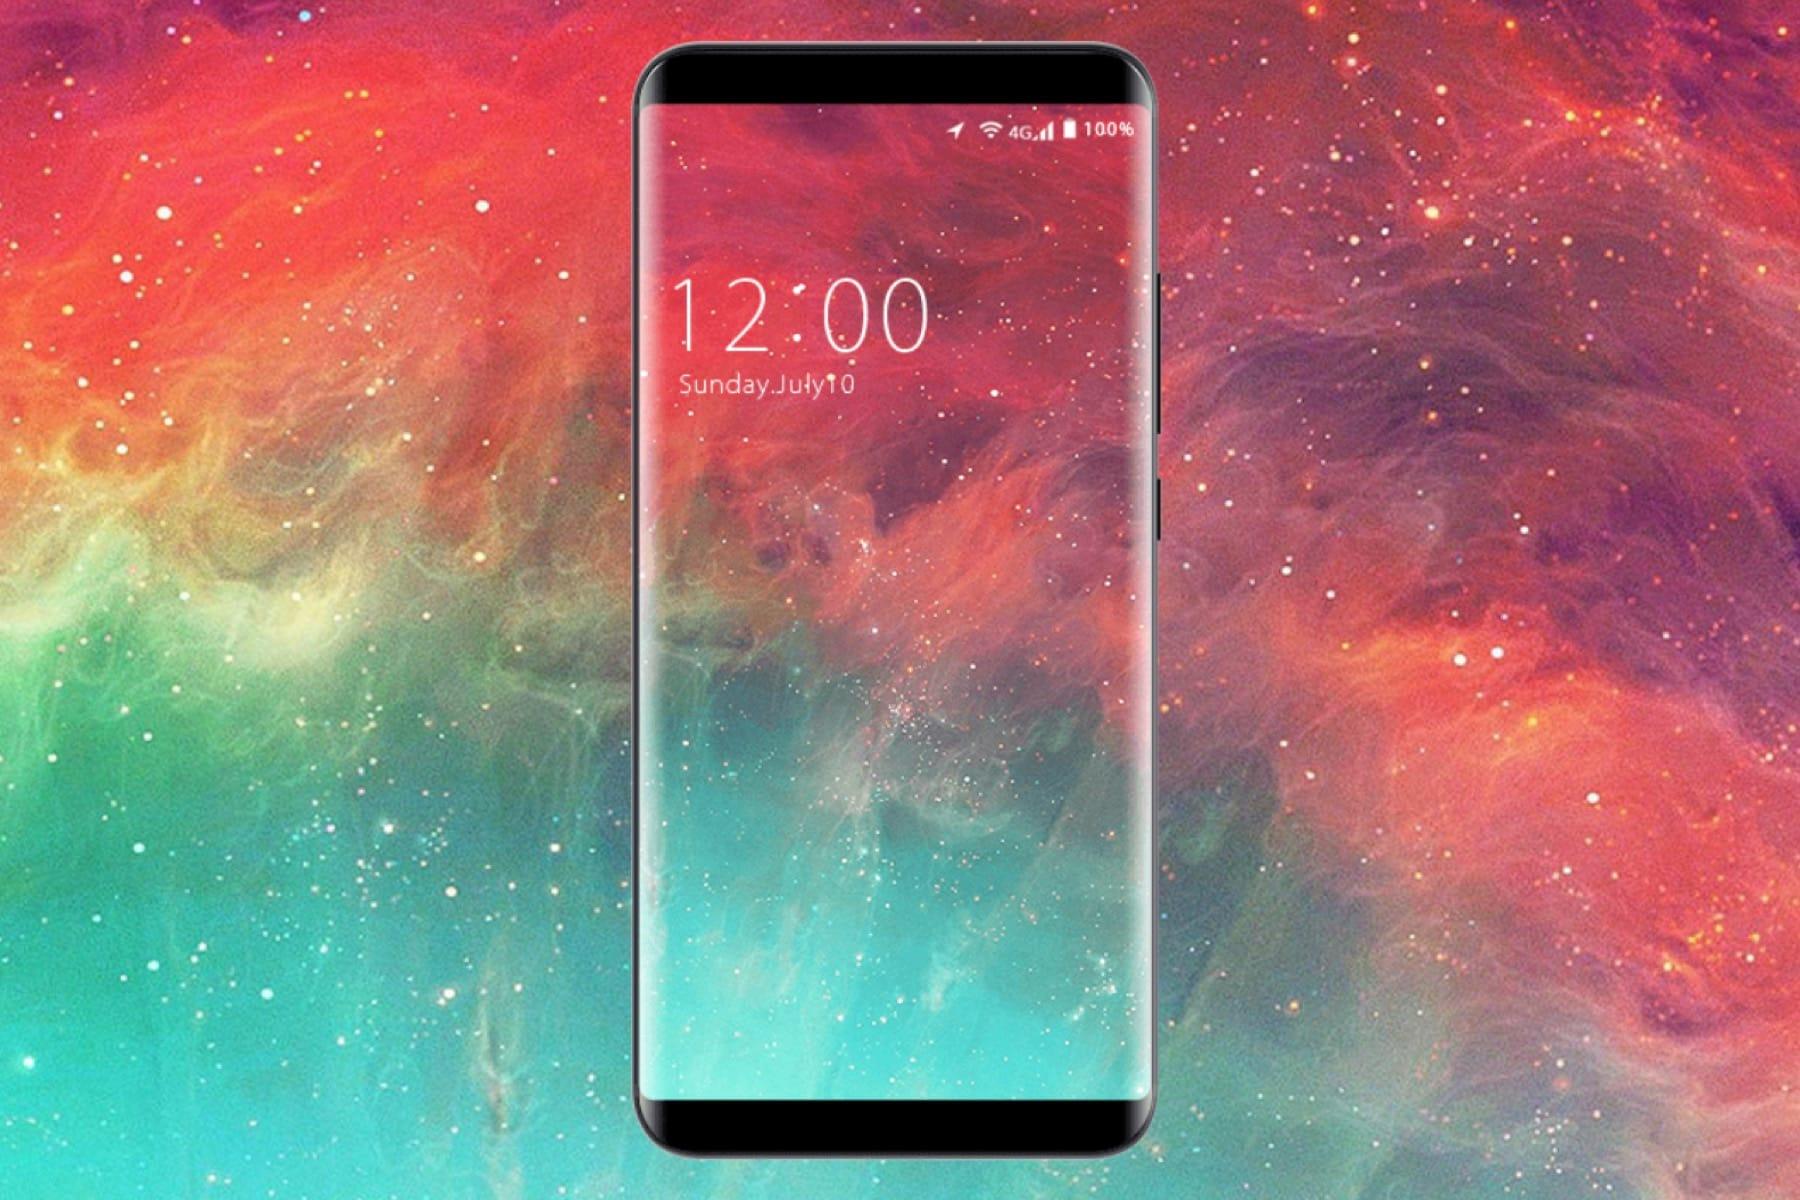 UmiDigi S2 - первый смартфон, с соотношением сторон дисплея 18:9 и аккумуляторной батареей, емкостью 6000 мА•ч - изображение